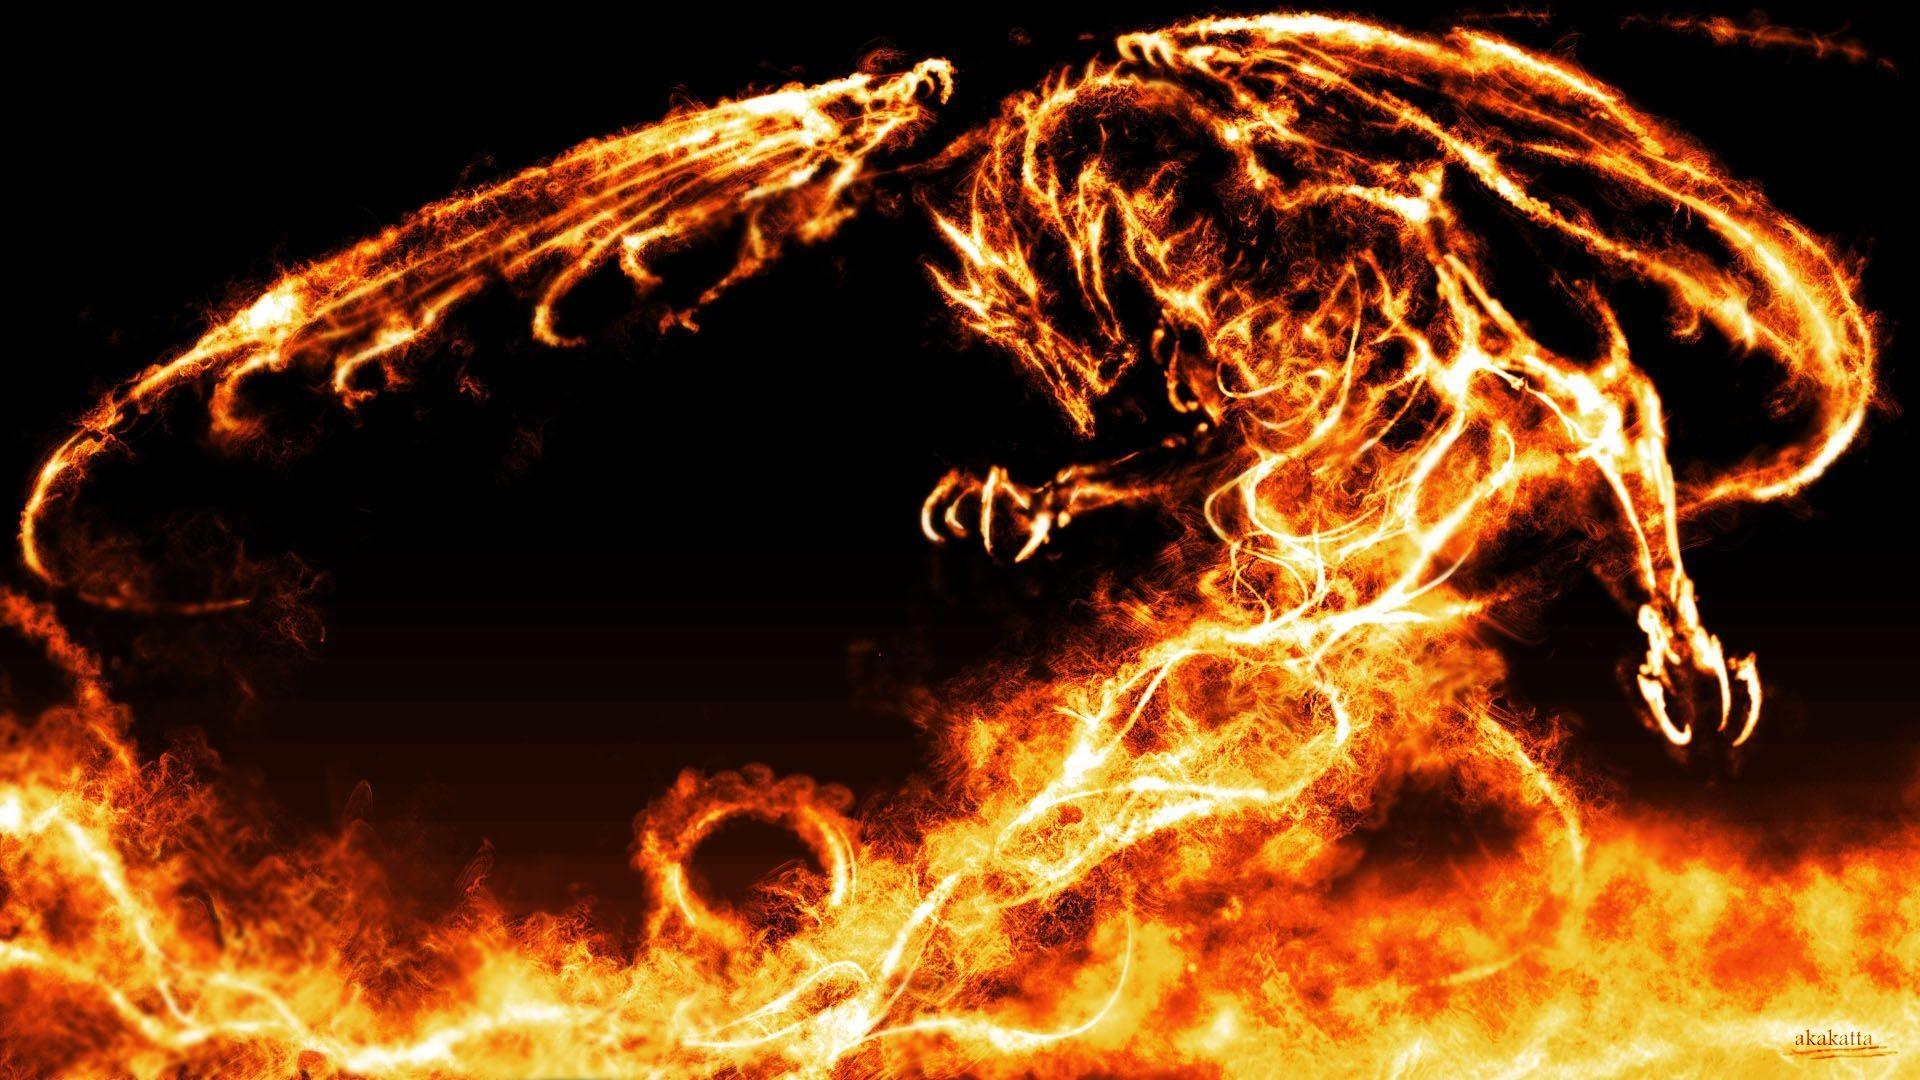 Epic Dragon Wallpaper 1